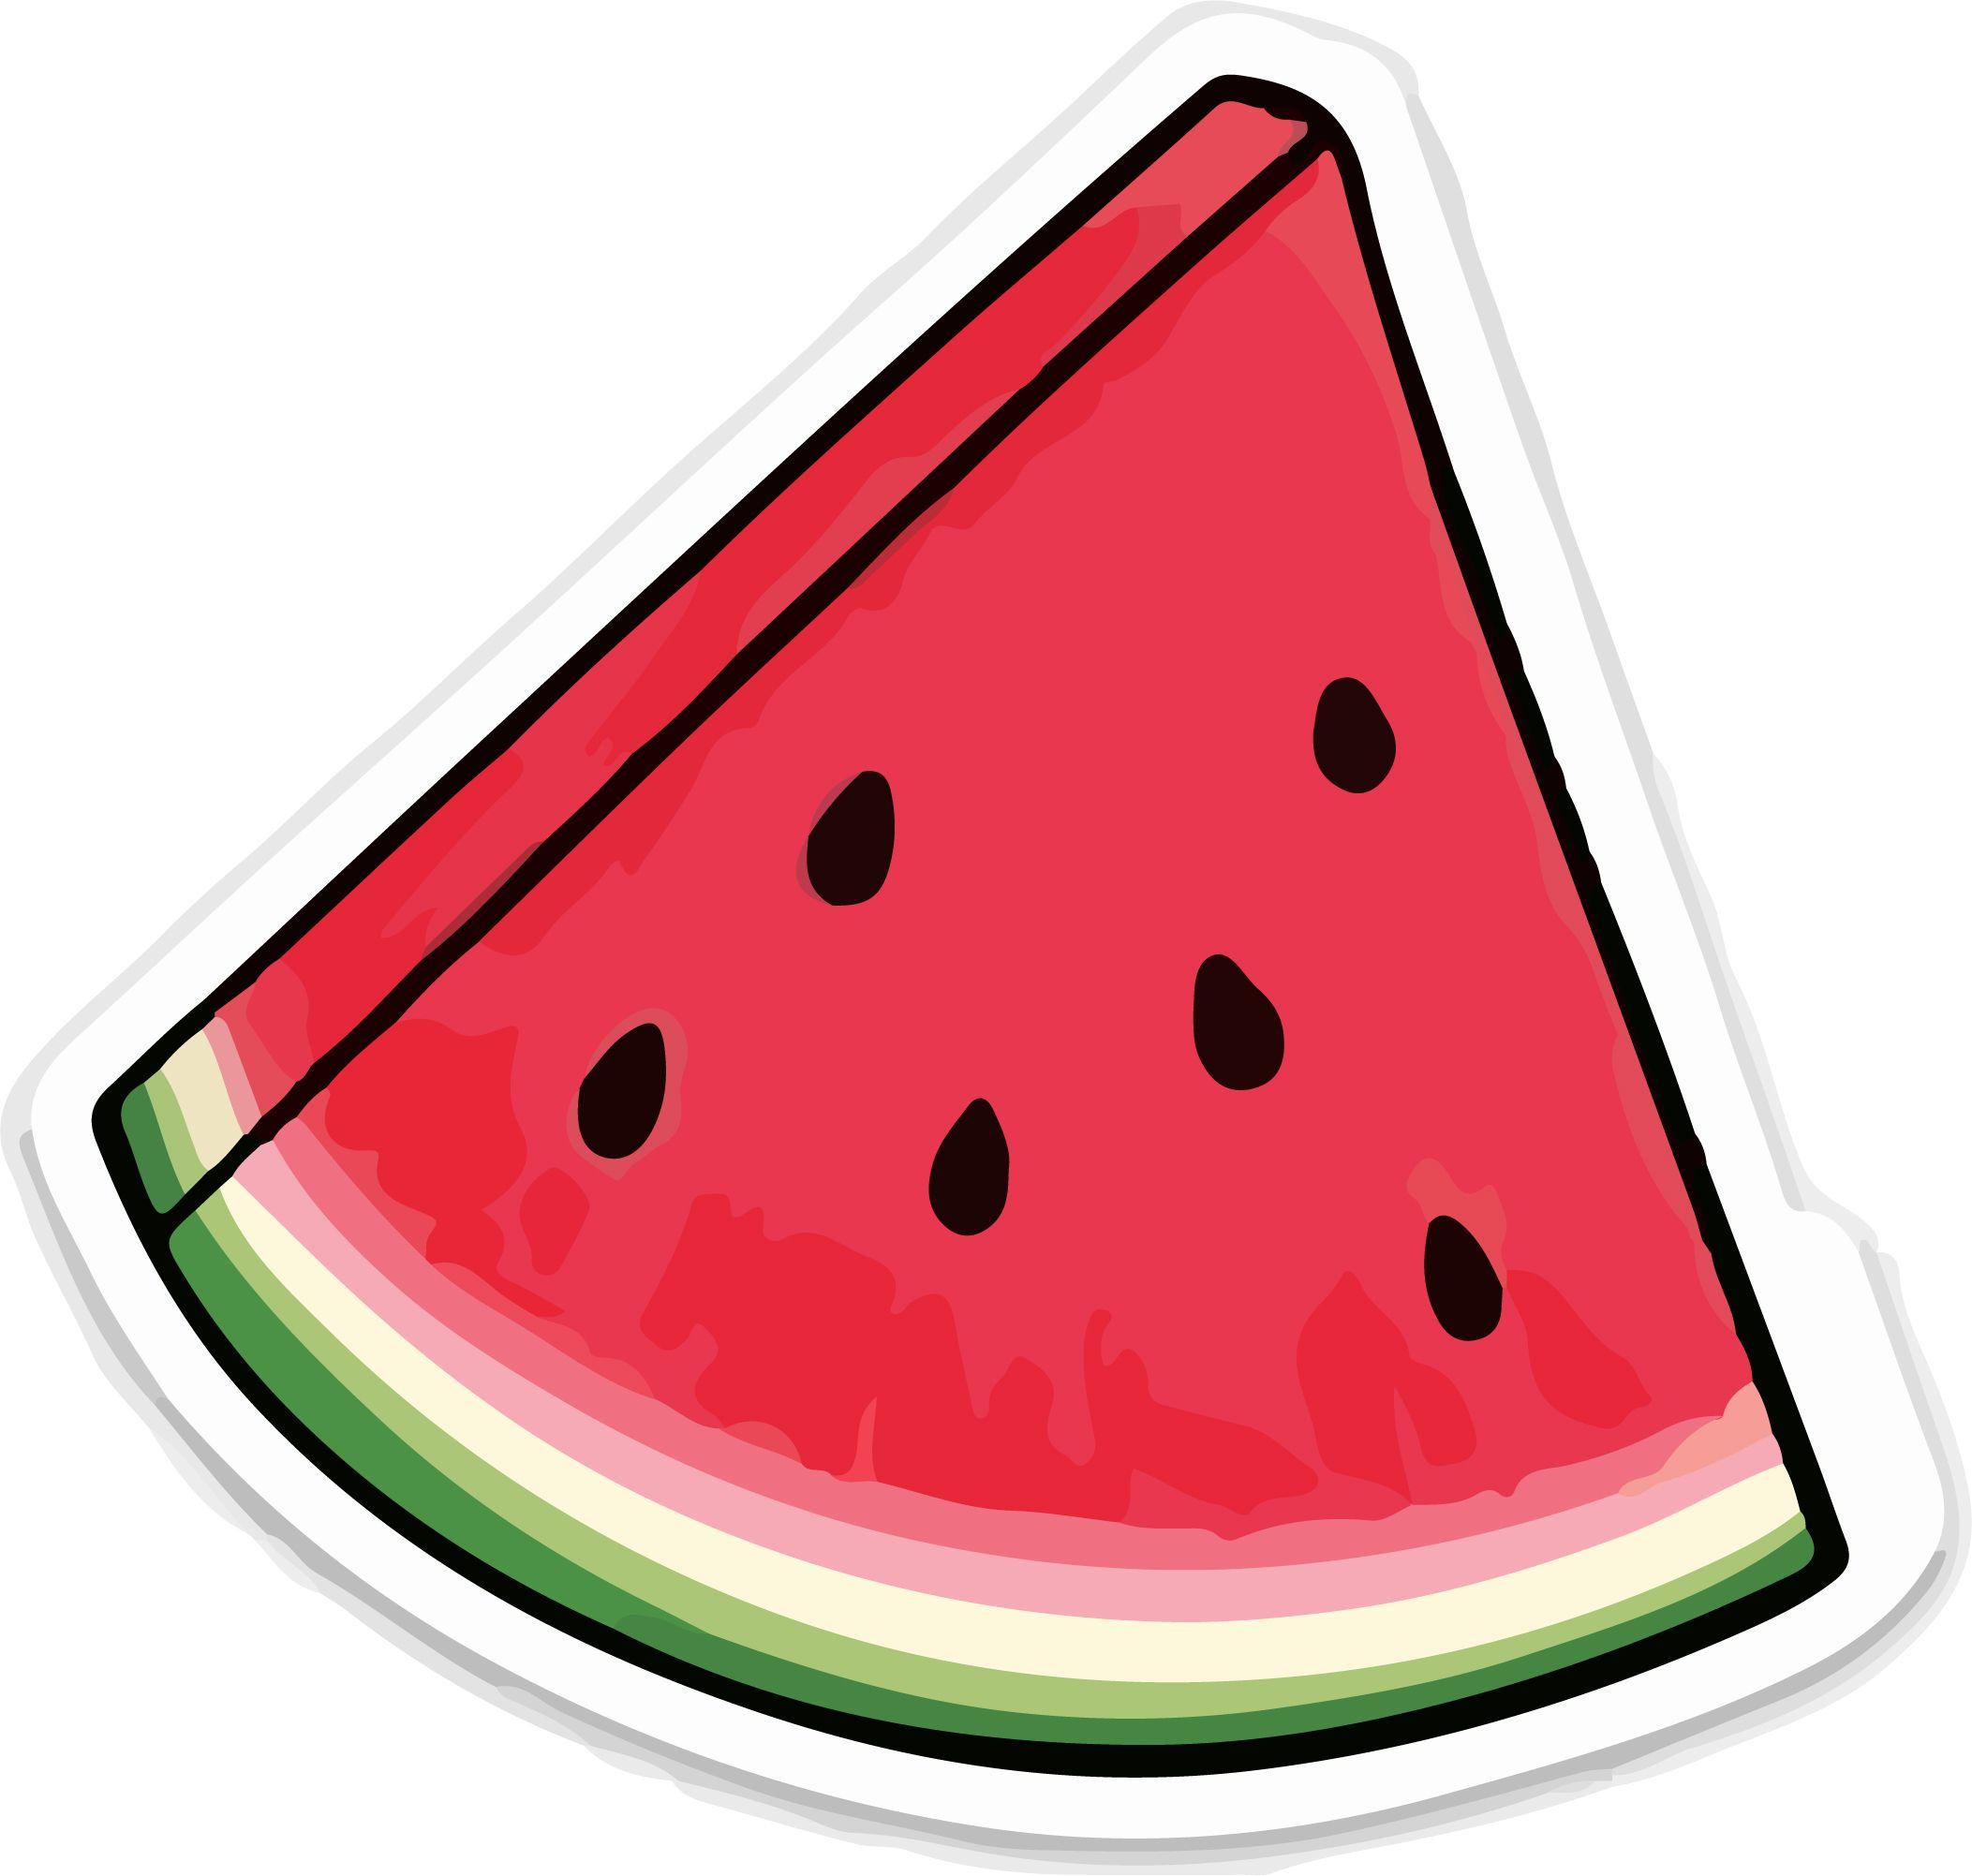 Sandia Sticker Dibujos De Sandias Pegatinas Bonitas Sandias Tumblr